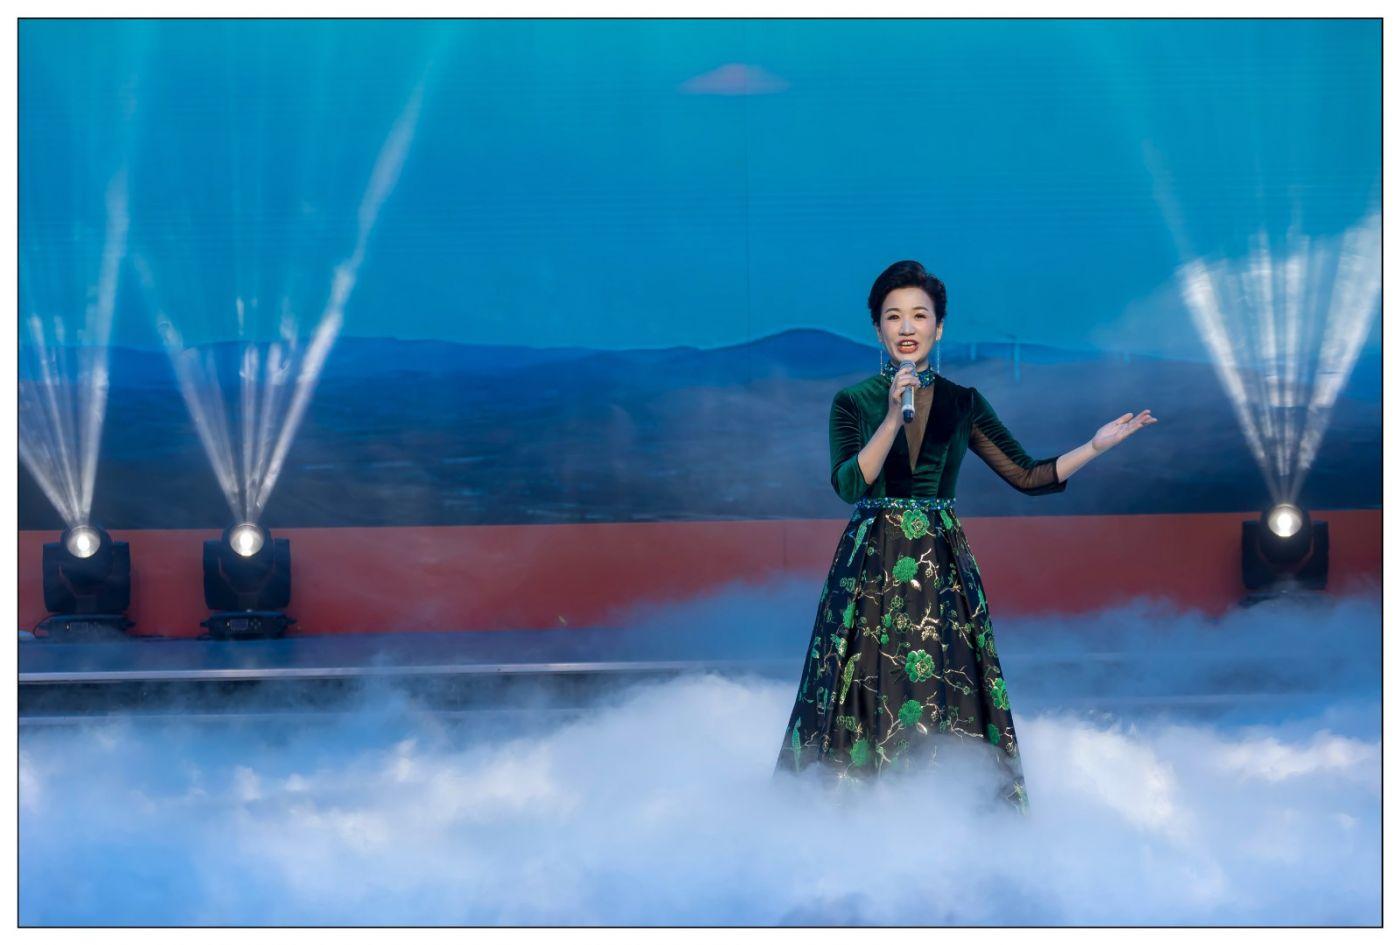 又见星光大道冠军歌手张海军 1月26央视播出 将自己唱哭的歌手 ..._图1-2